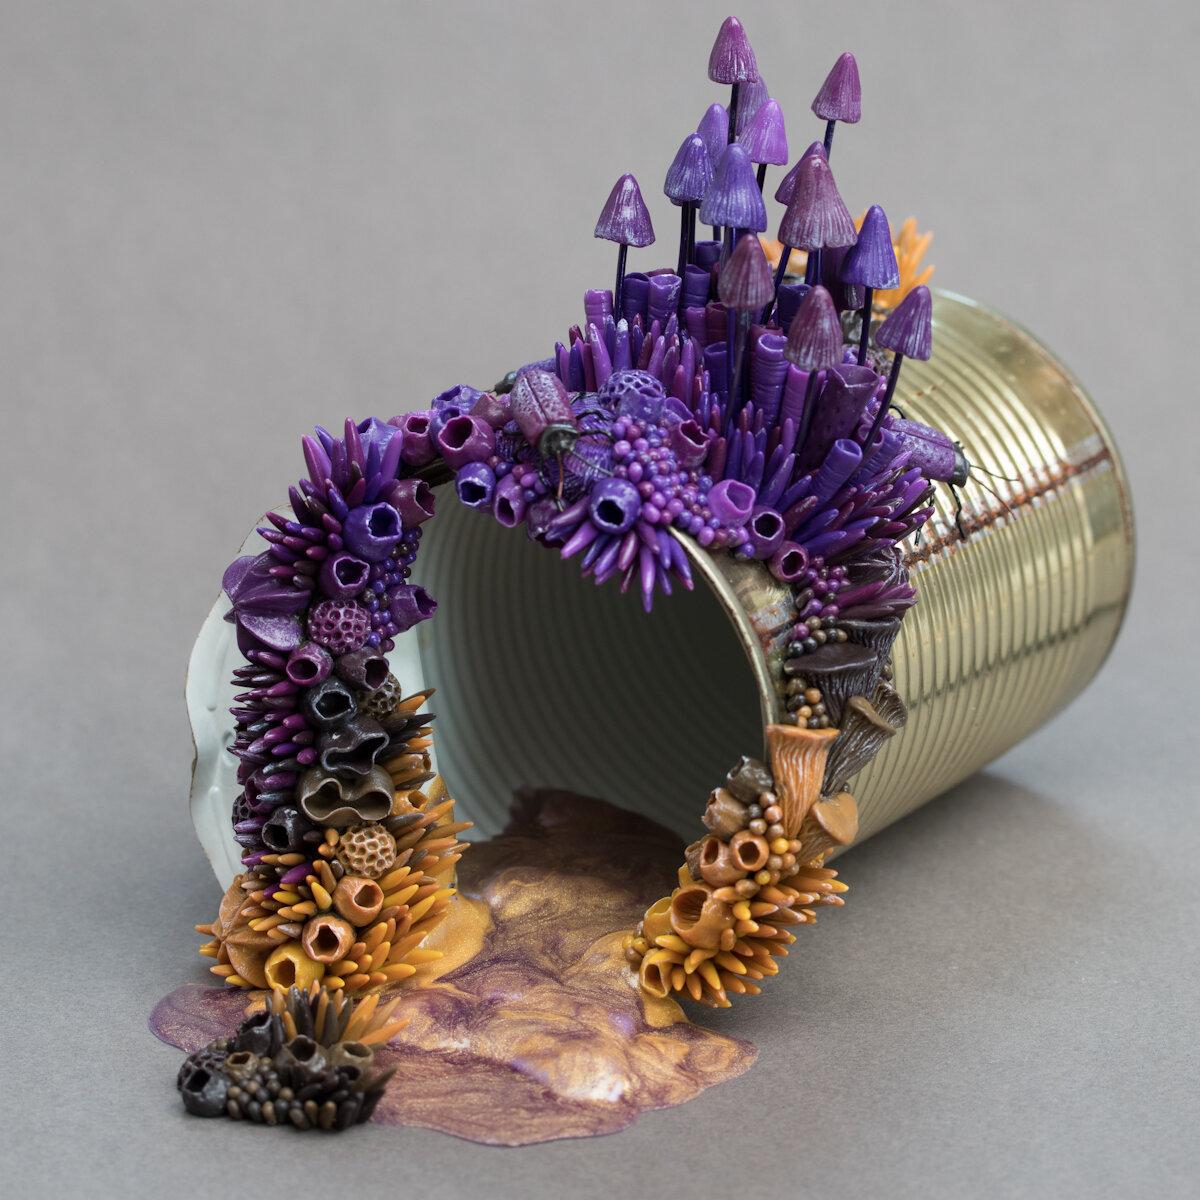 紫色真菌,2019年,锡罐上的混合媒体雕塑,斯蒂芬妮·基尔加斯特